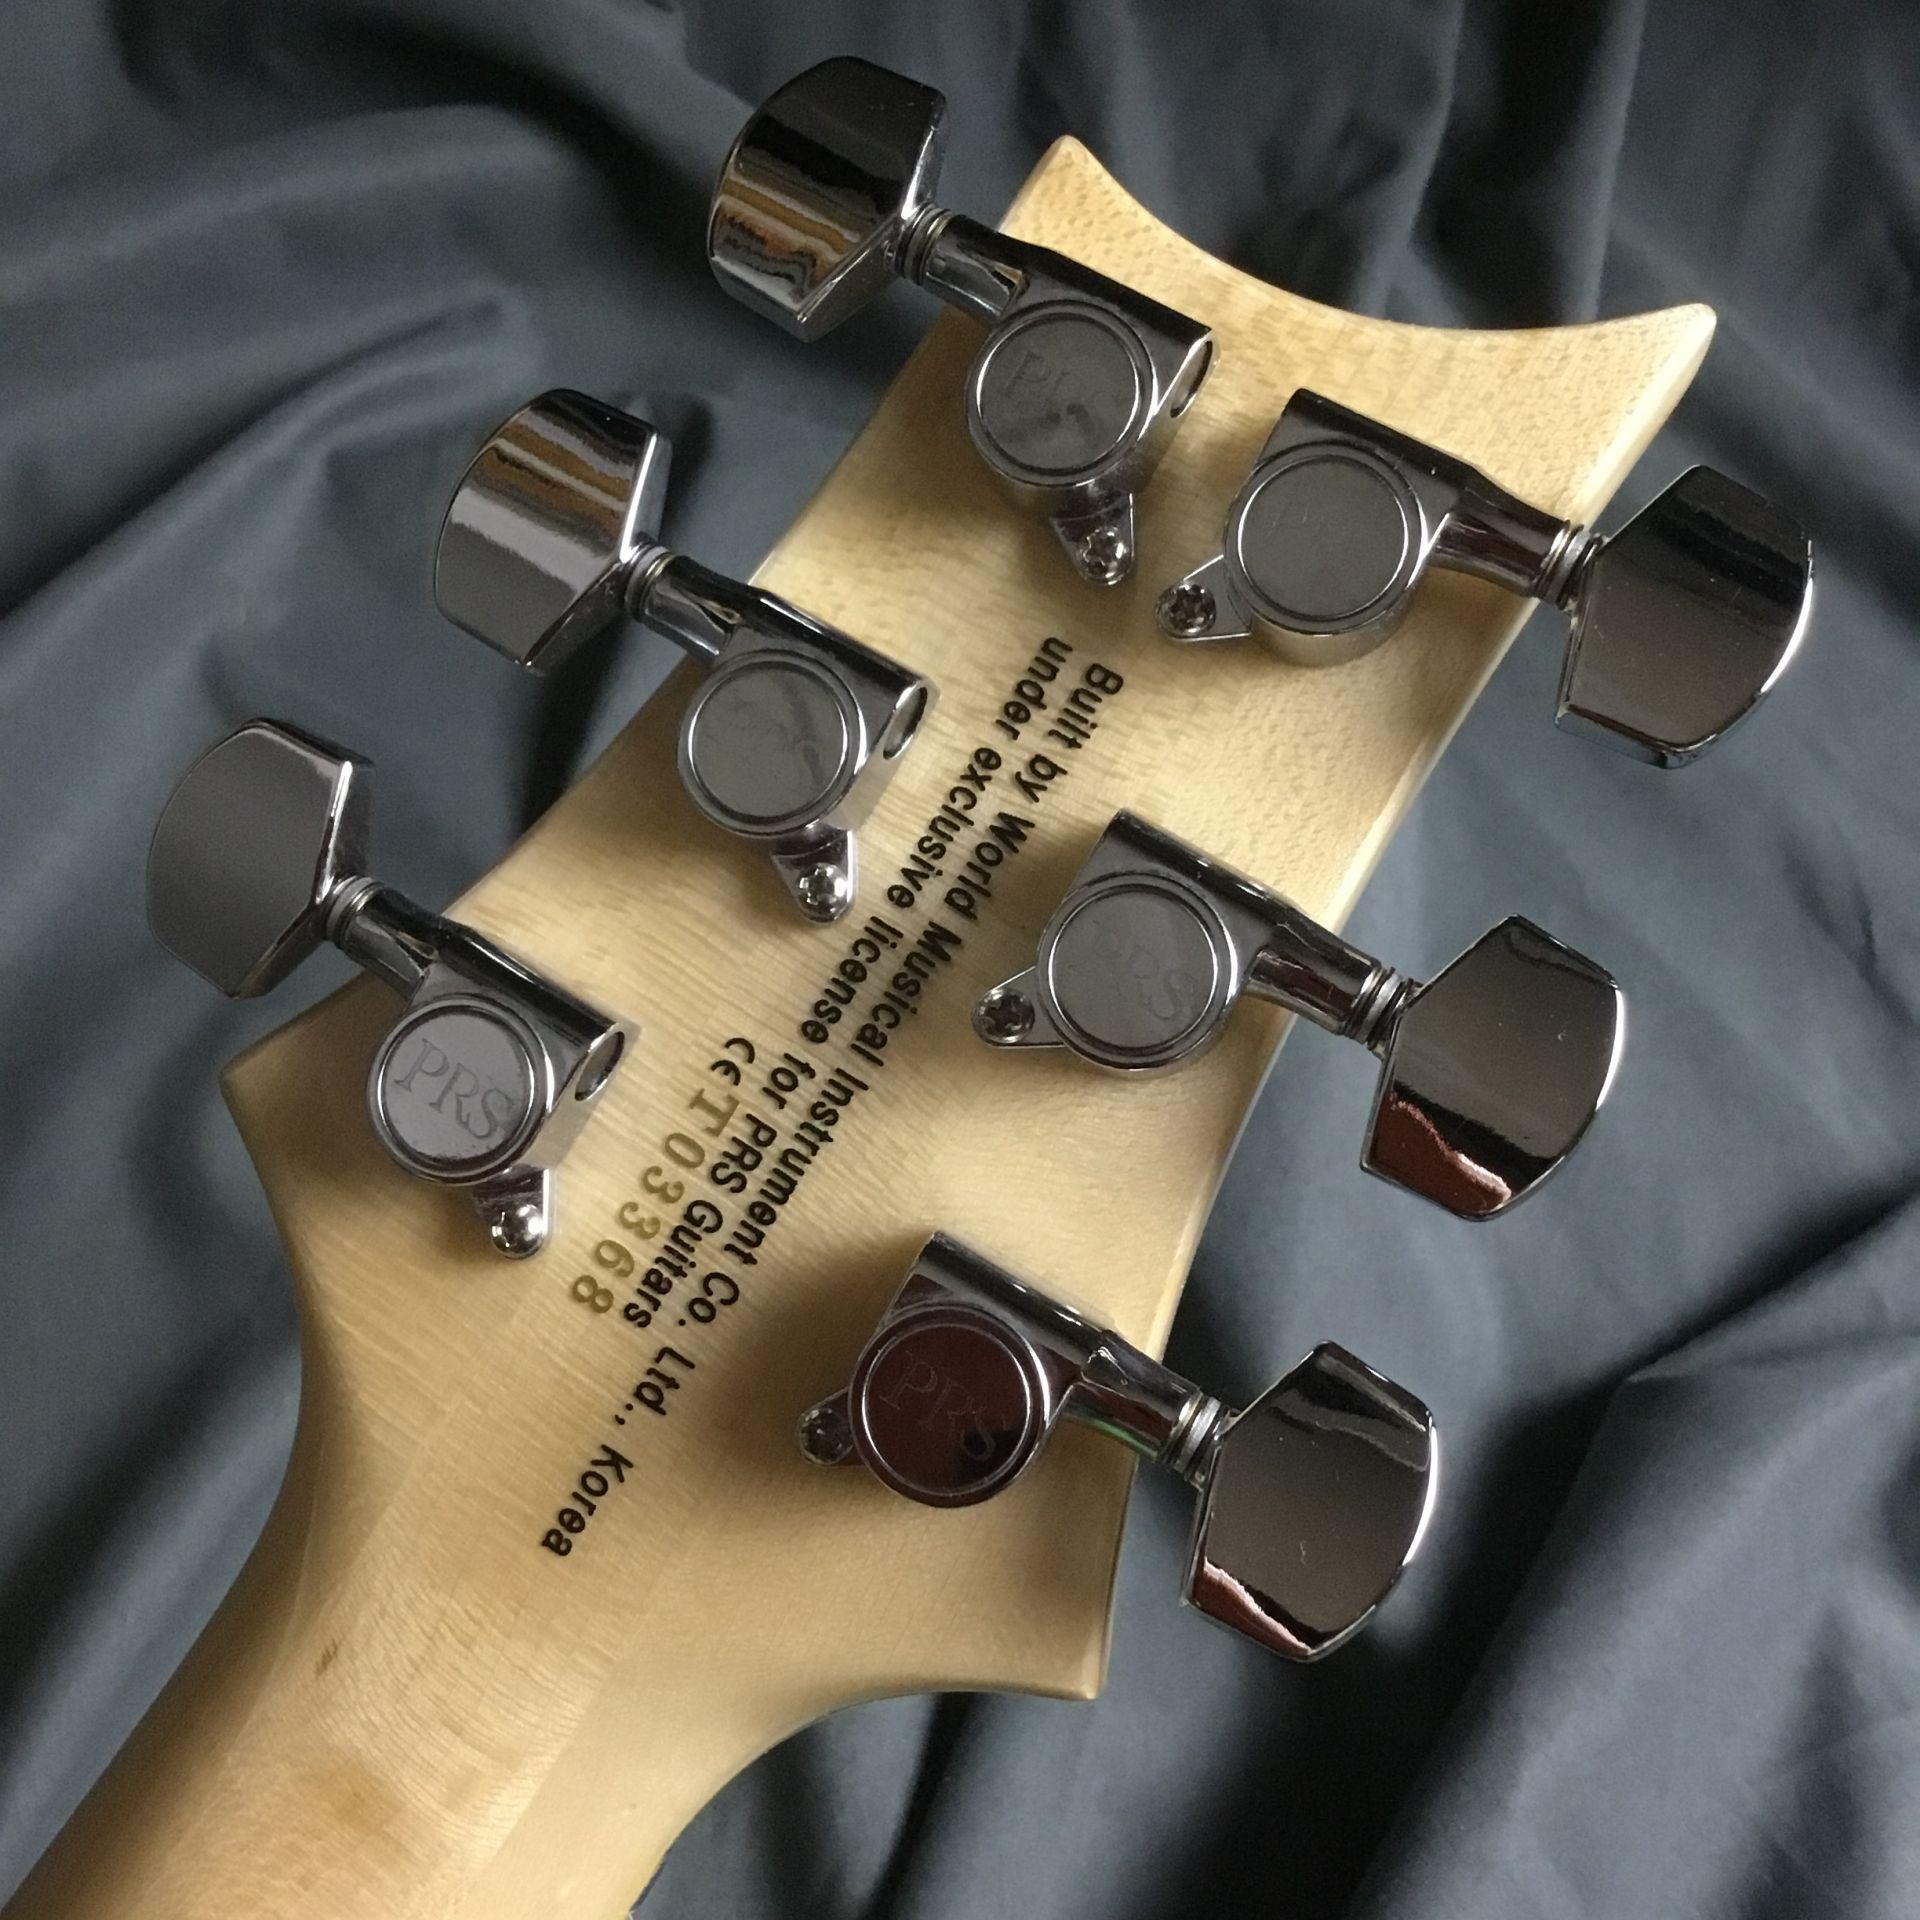 SE CUSTOM 24 QM LTD  Blue Matteo 島村楽器オリジナルモデルのケース・その他画像